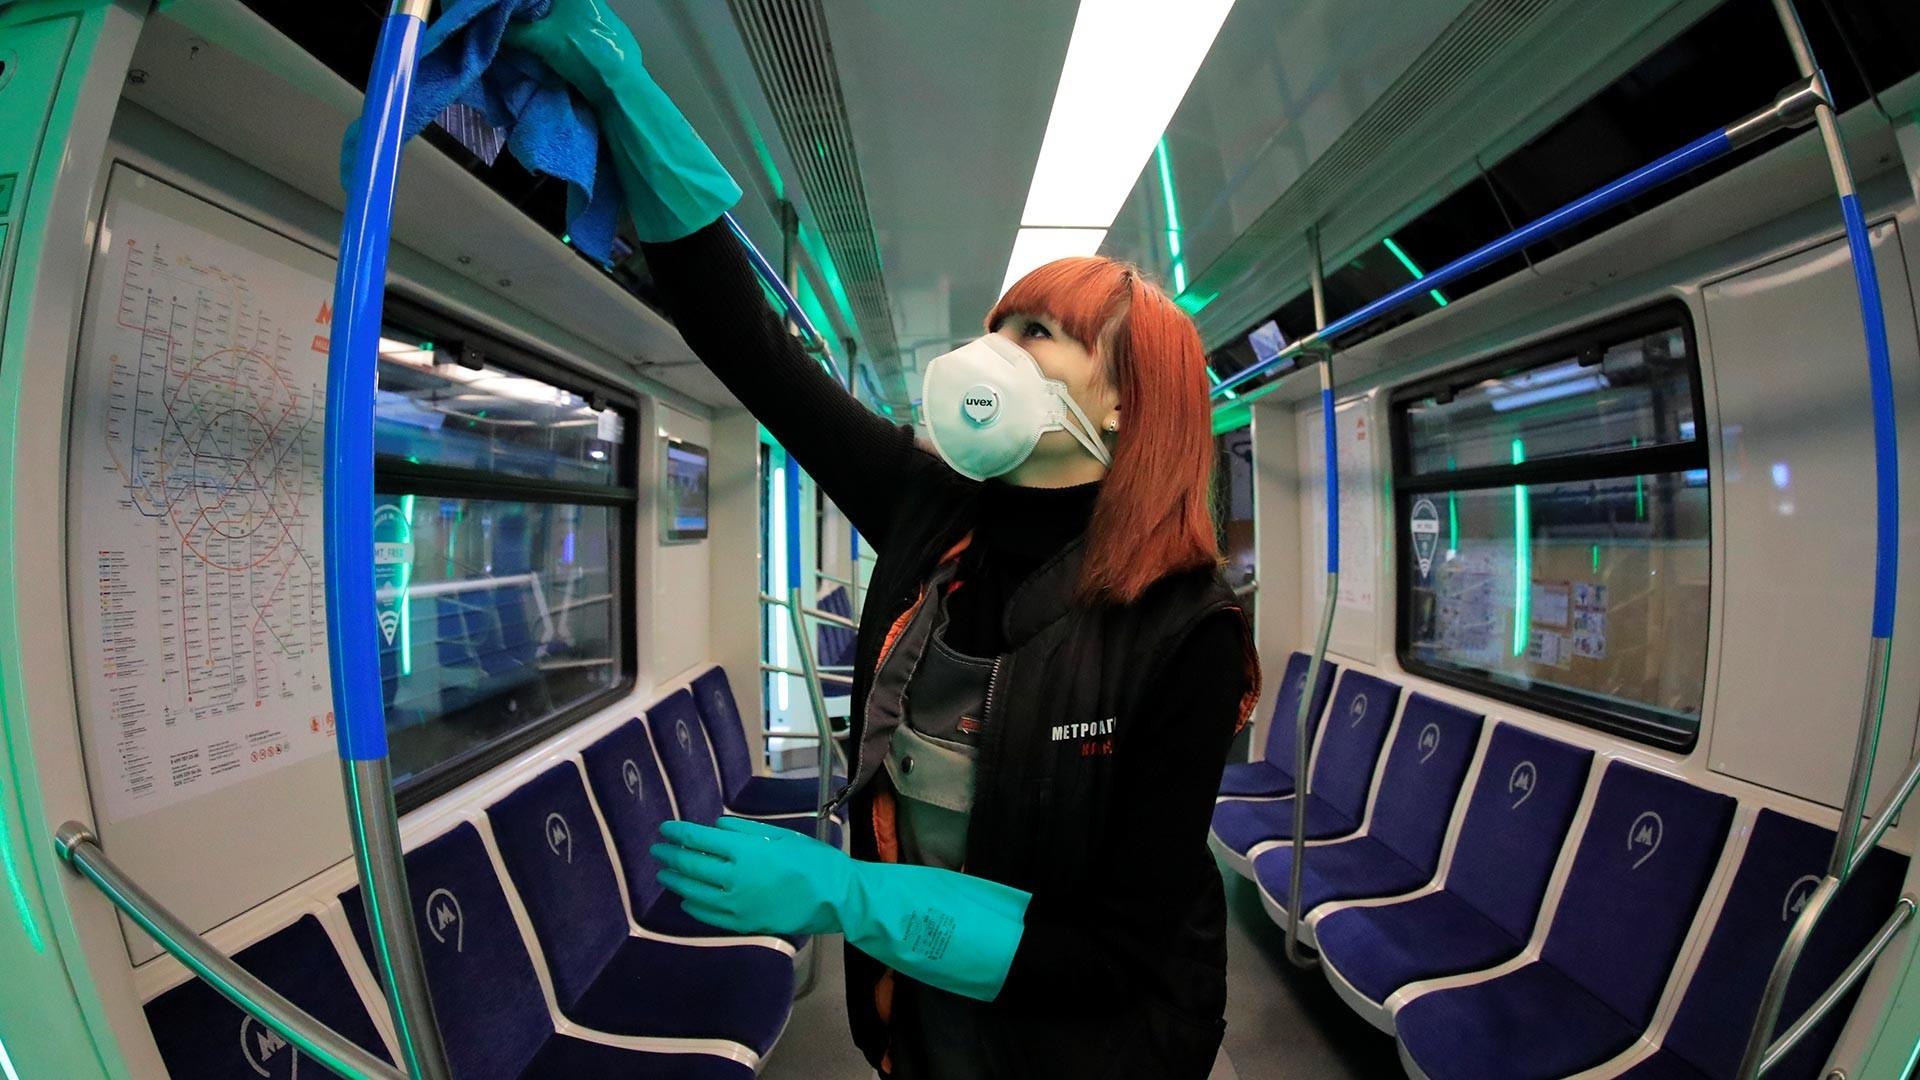 Delavka iz masko čisti in razkužuje vlak v moskovski podzemni železnici